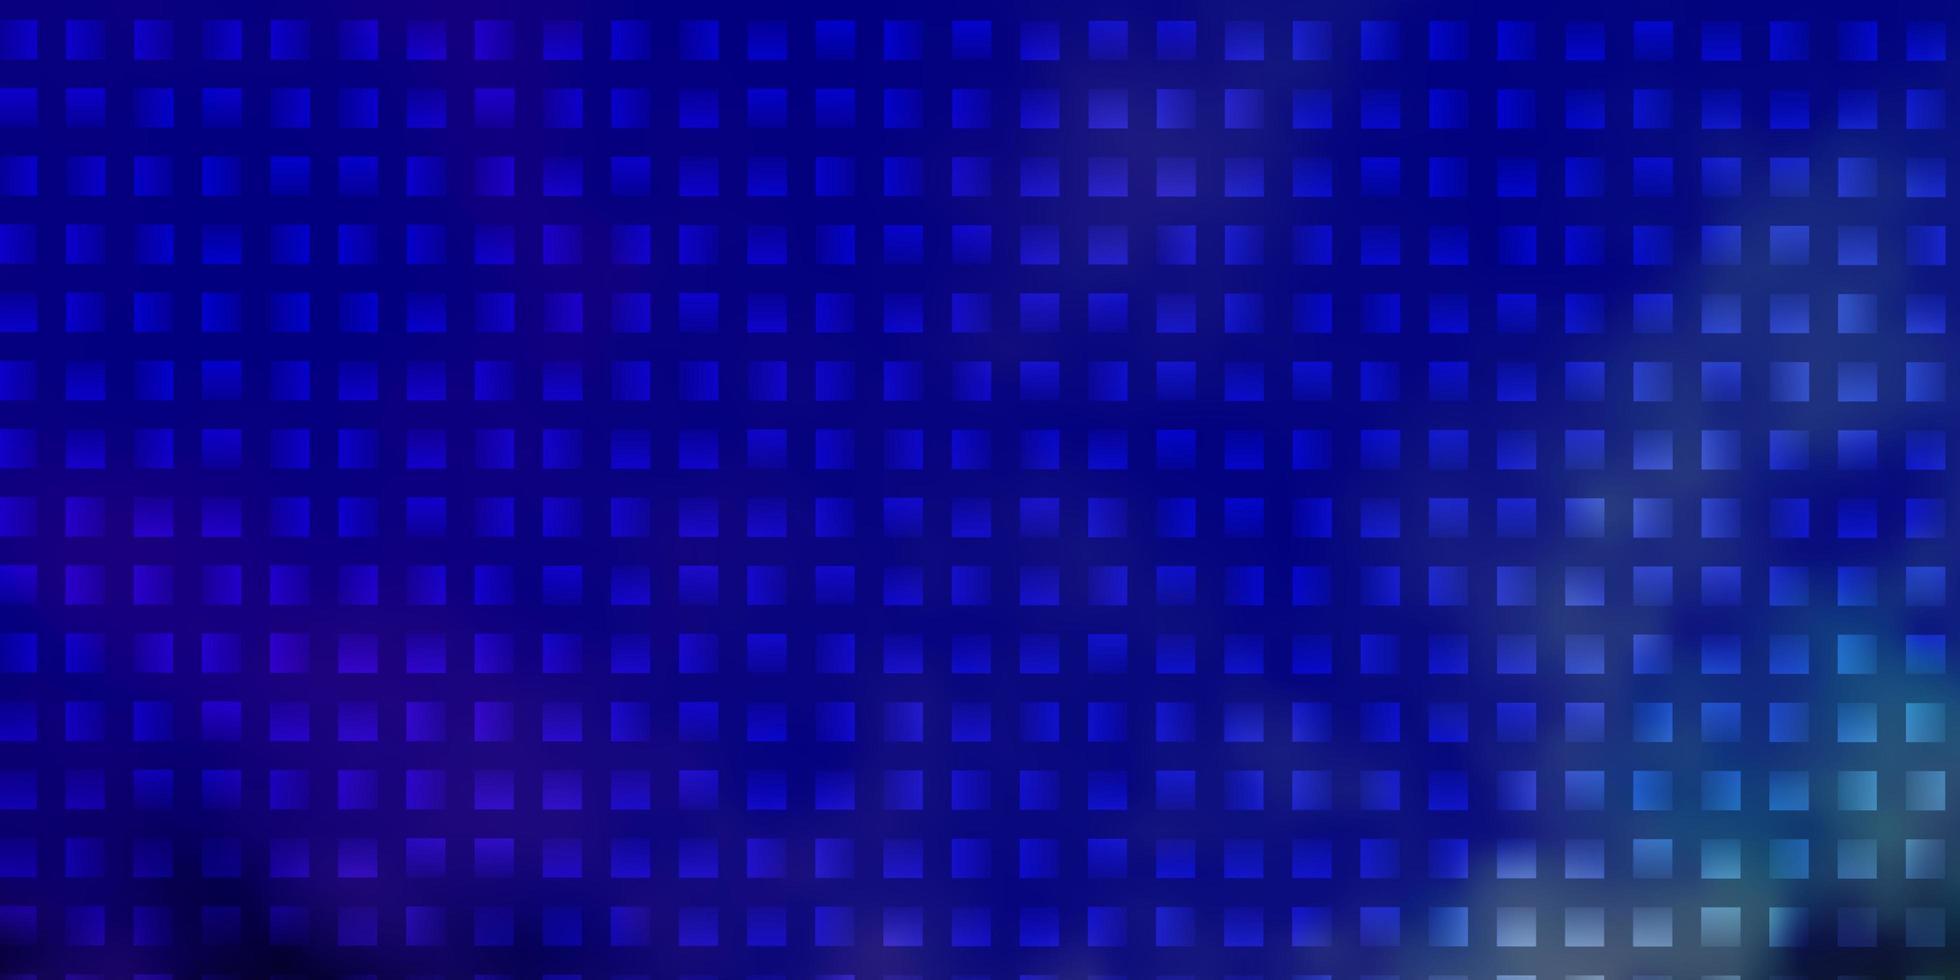 motif bleu dans un style carré. vecteur